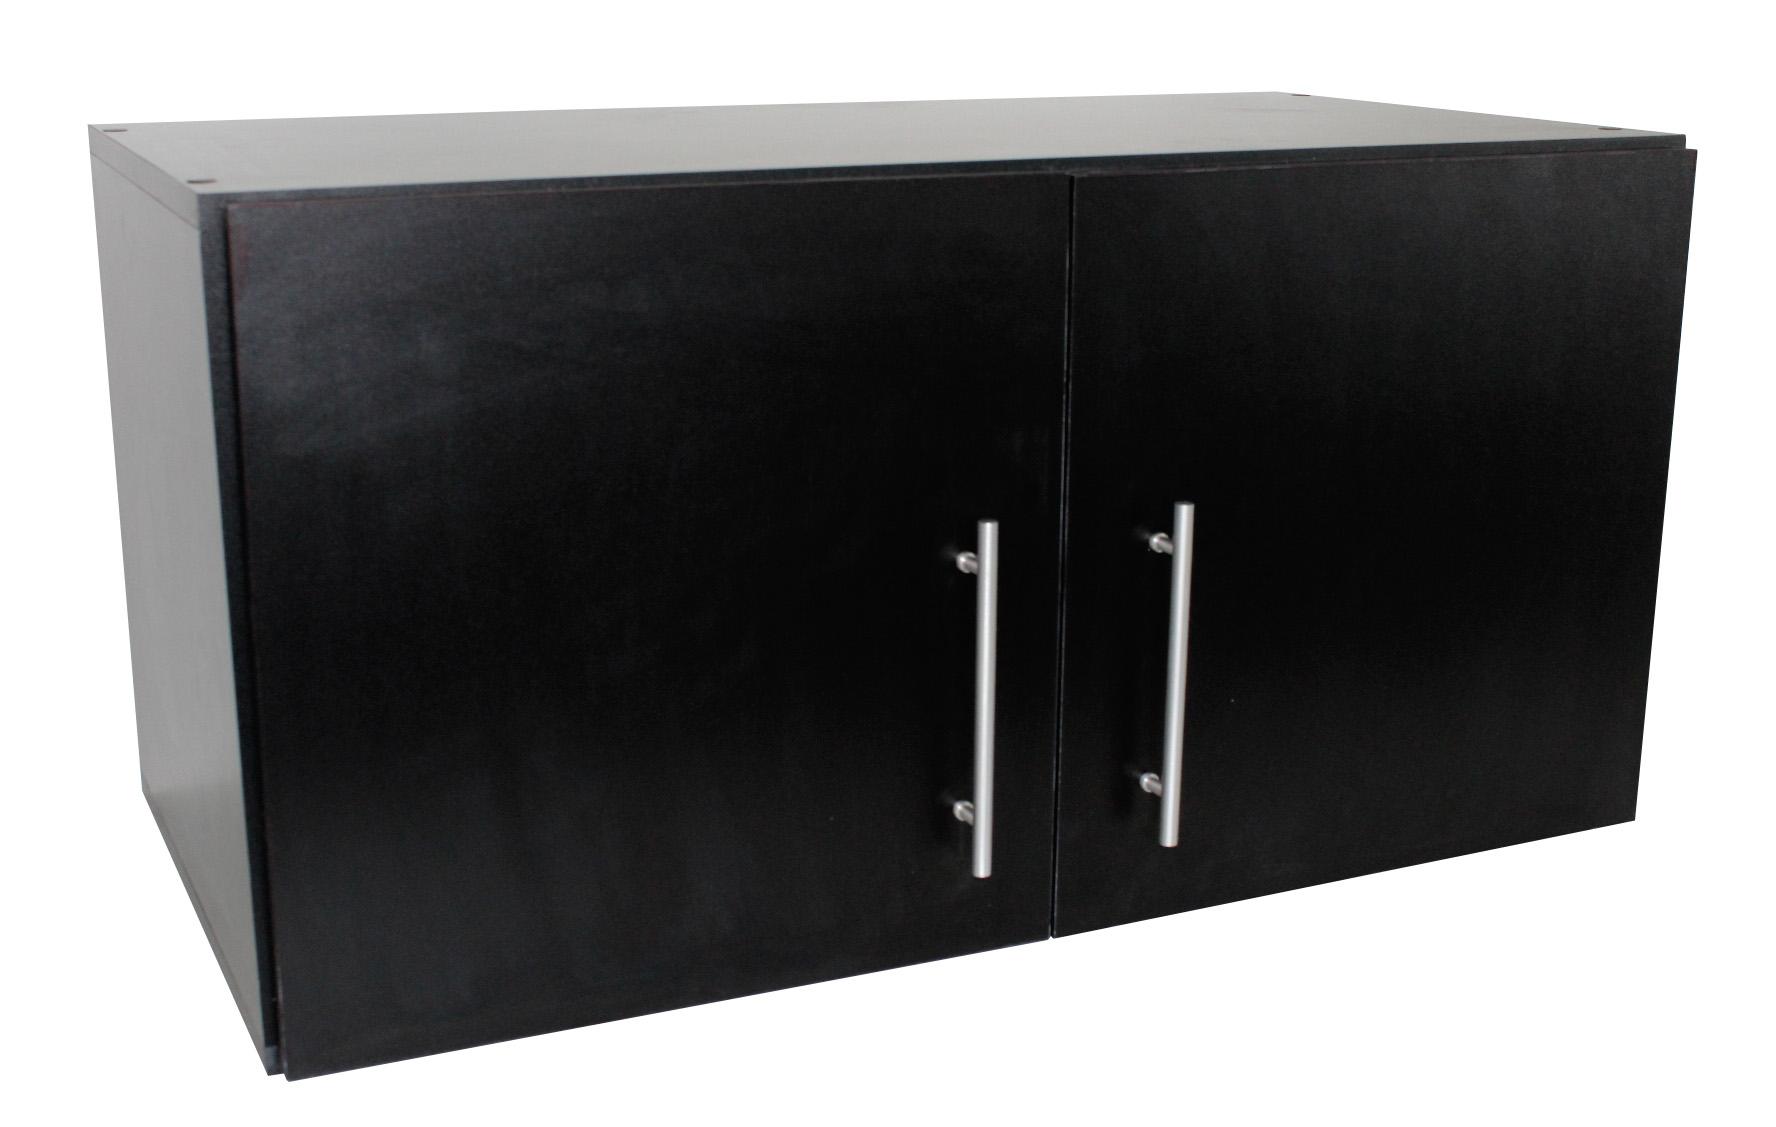 Image of: Armario 2 Portas Em Mdf Preto 60x40x30cm No Elo7 Tendencia 7 915b98